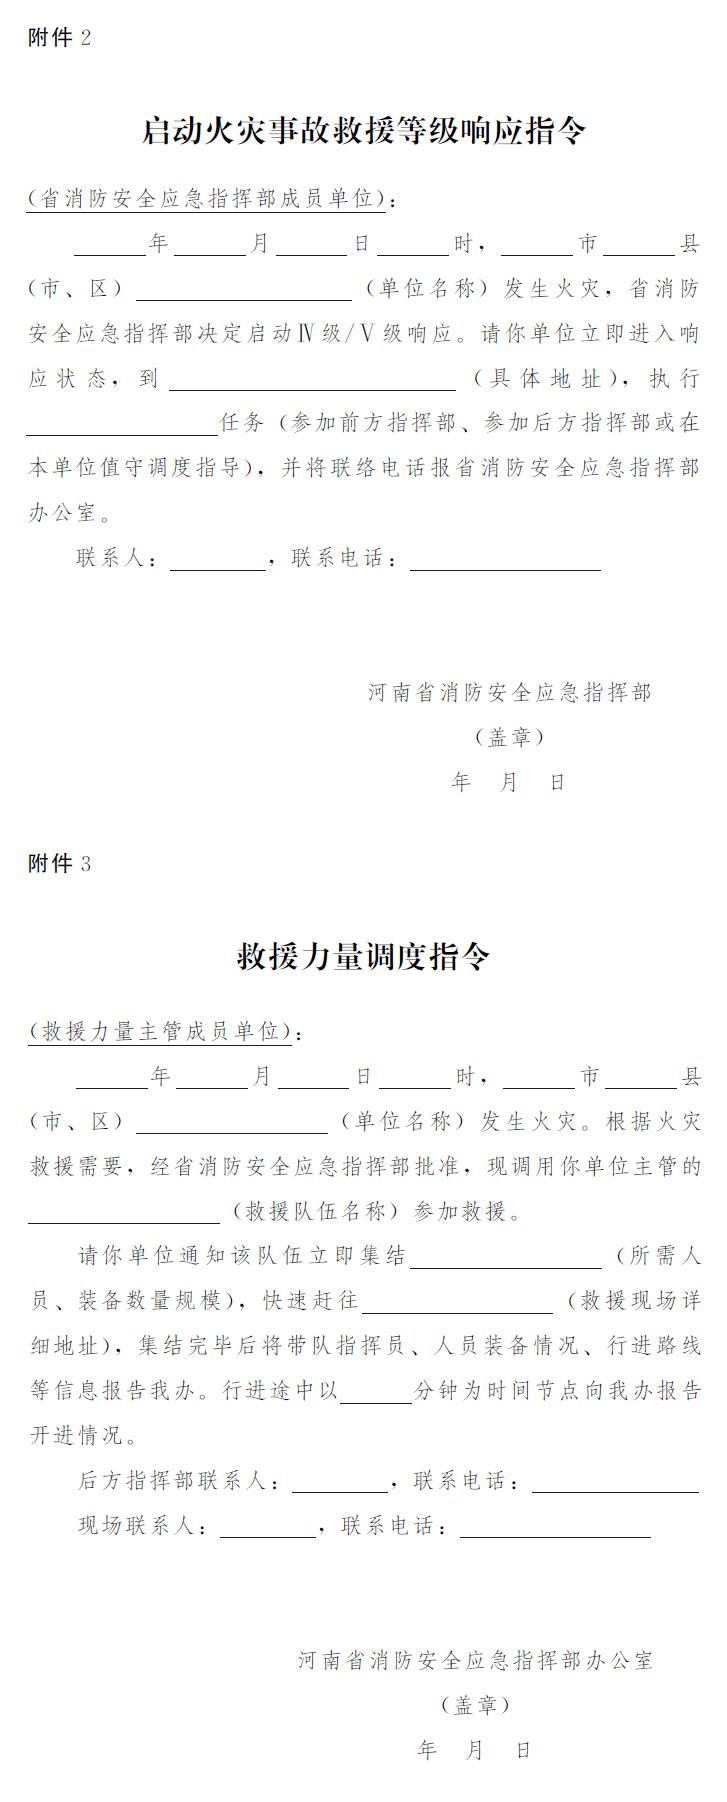 河南省人民政府办公厅关于印发河南省火灾事故救援预案的通知